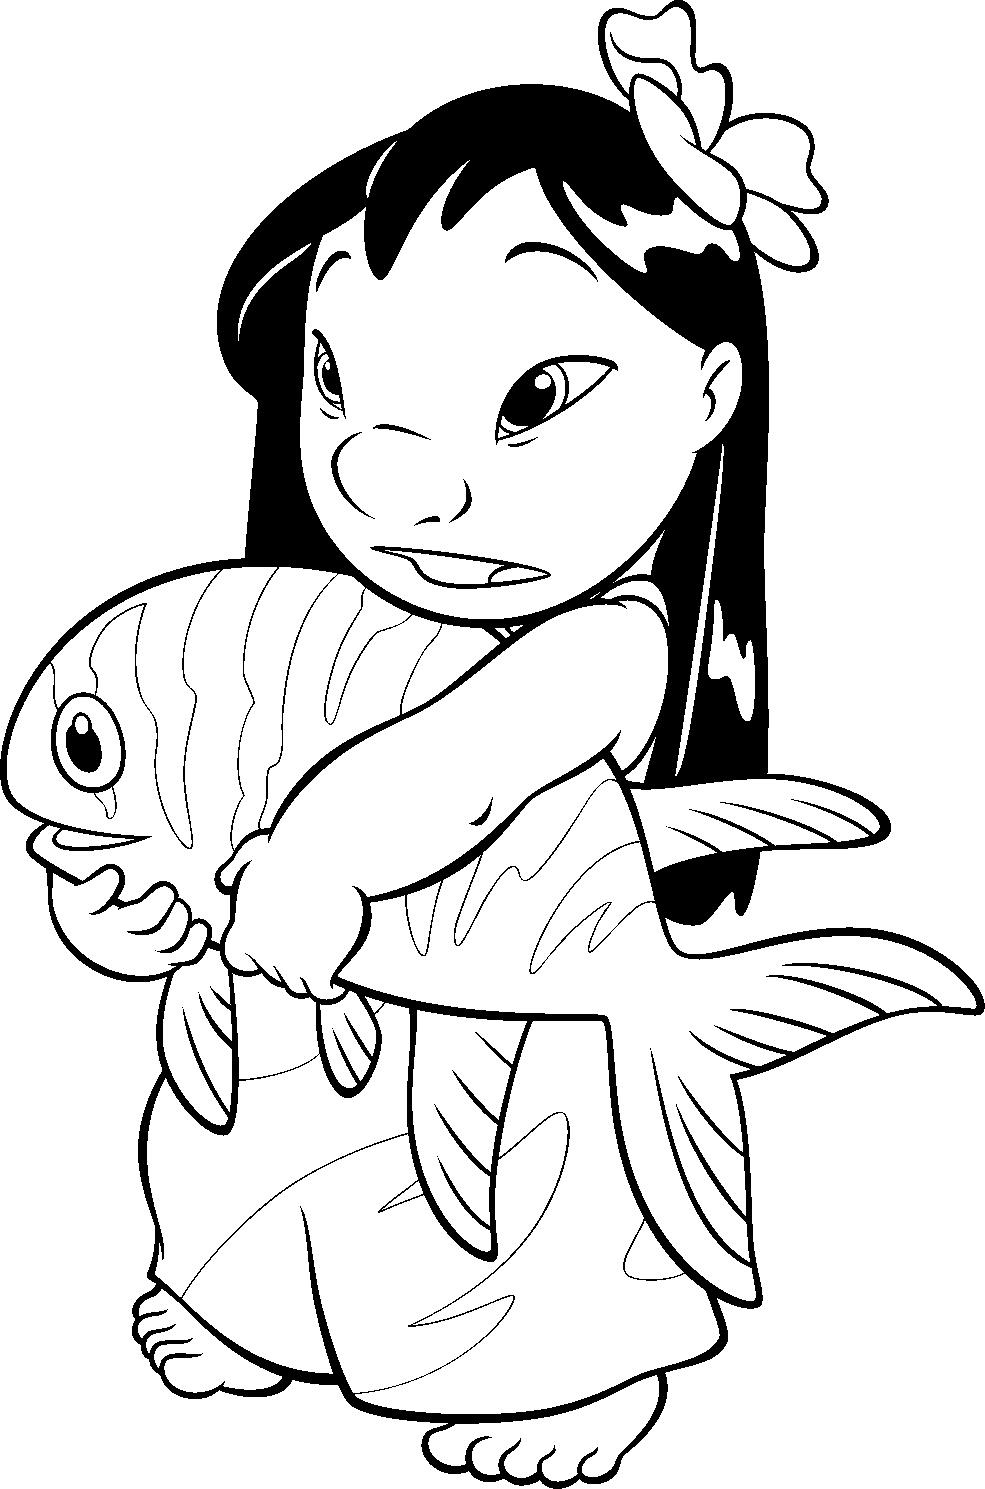 Princesas Disney: Dibujos para colorear de Lilo y Stitch | comic ...